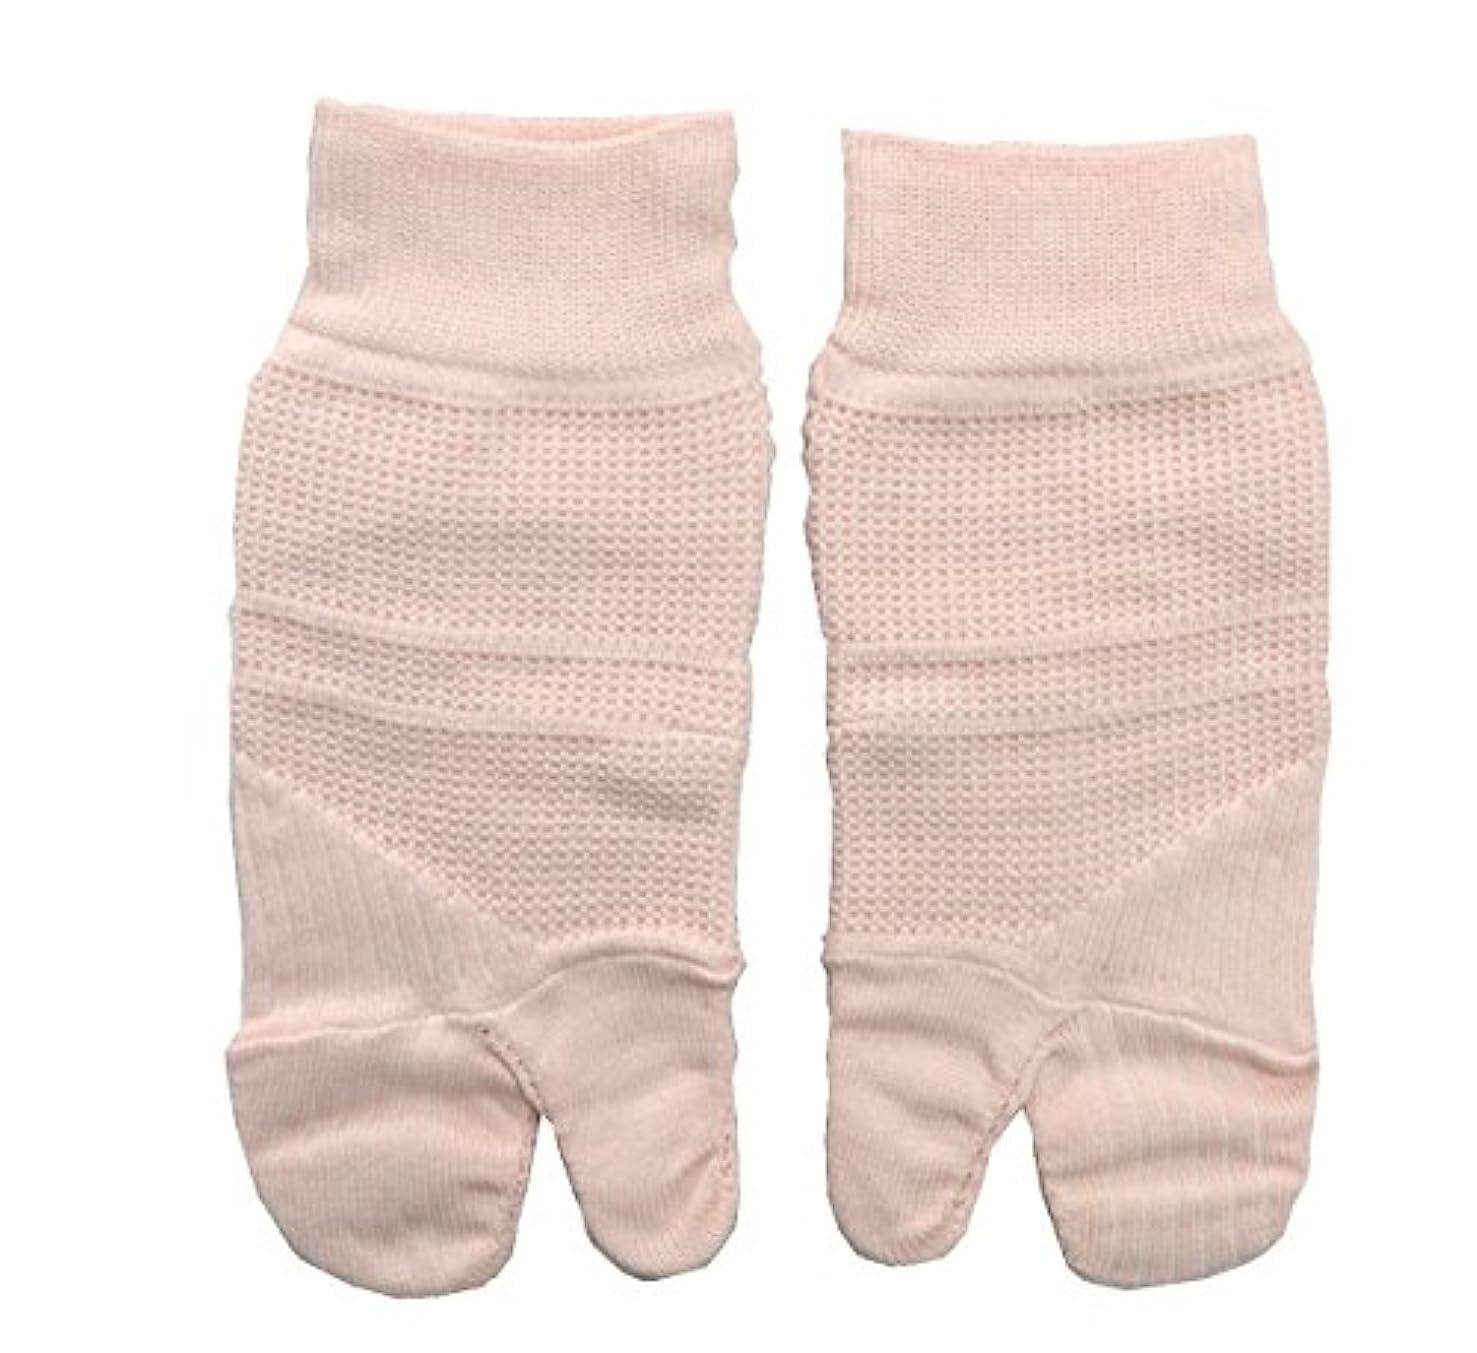 アーネストシャクルトンストラップどうしたの外反母趾対策靴下(通常タイプ) 着用後でもサイズ交換無料??着用後でも返品可